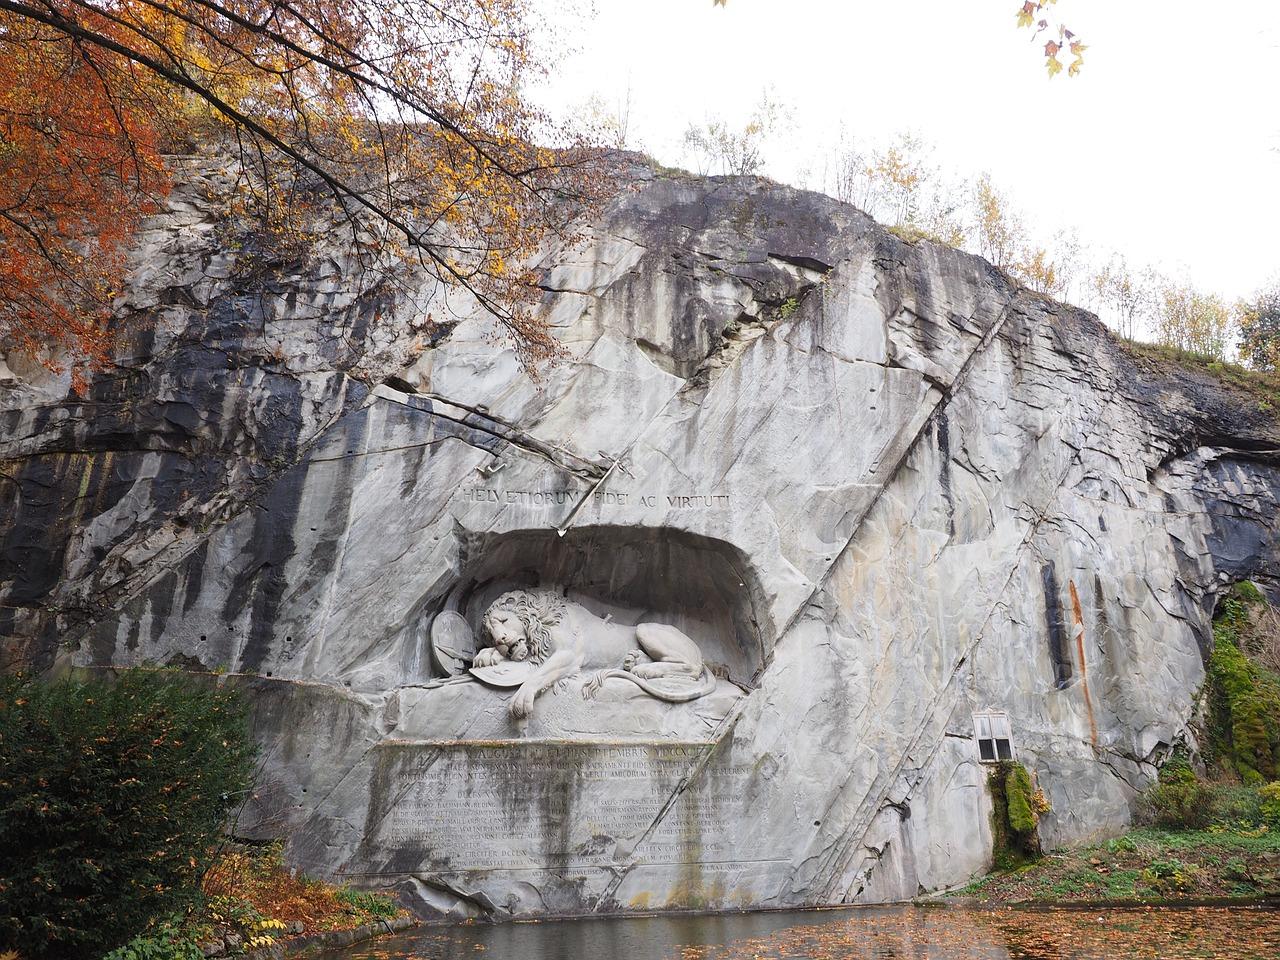 restauracion de monumentos historicos